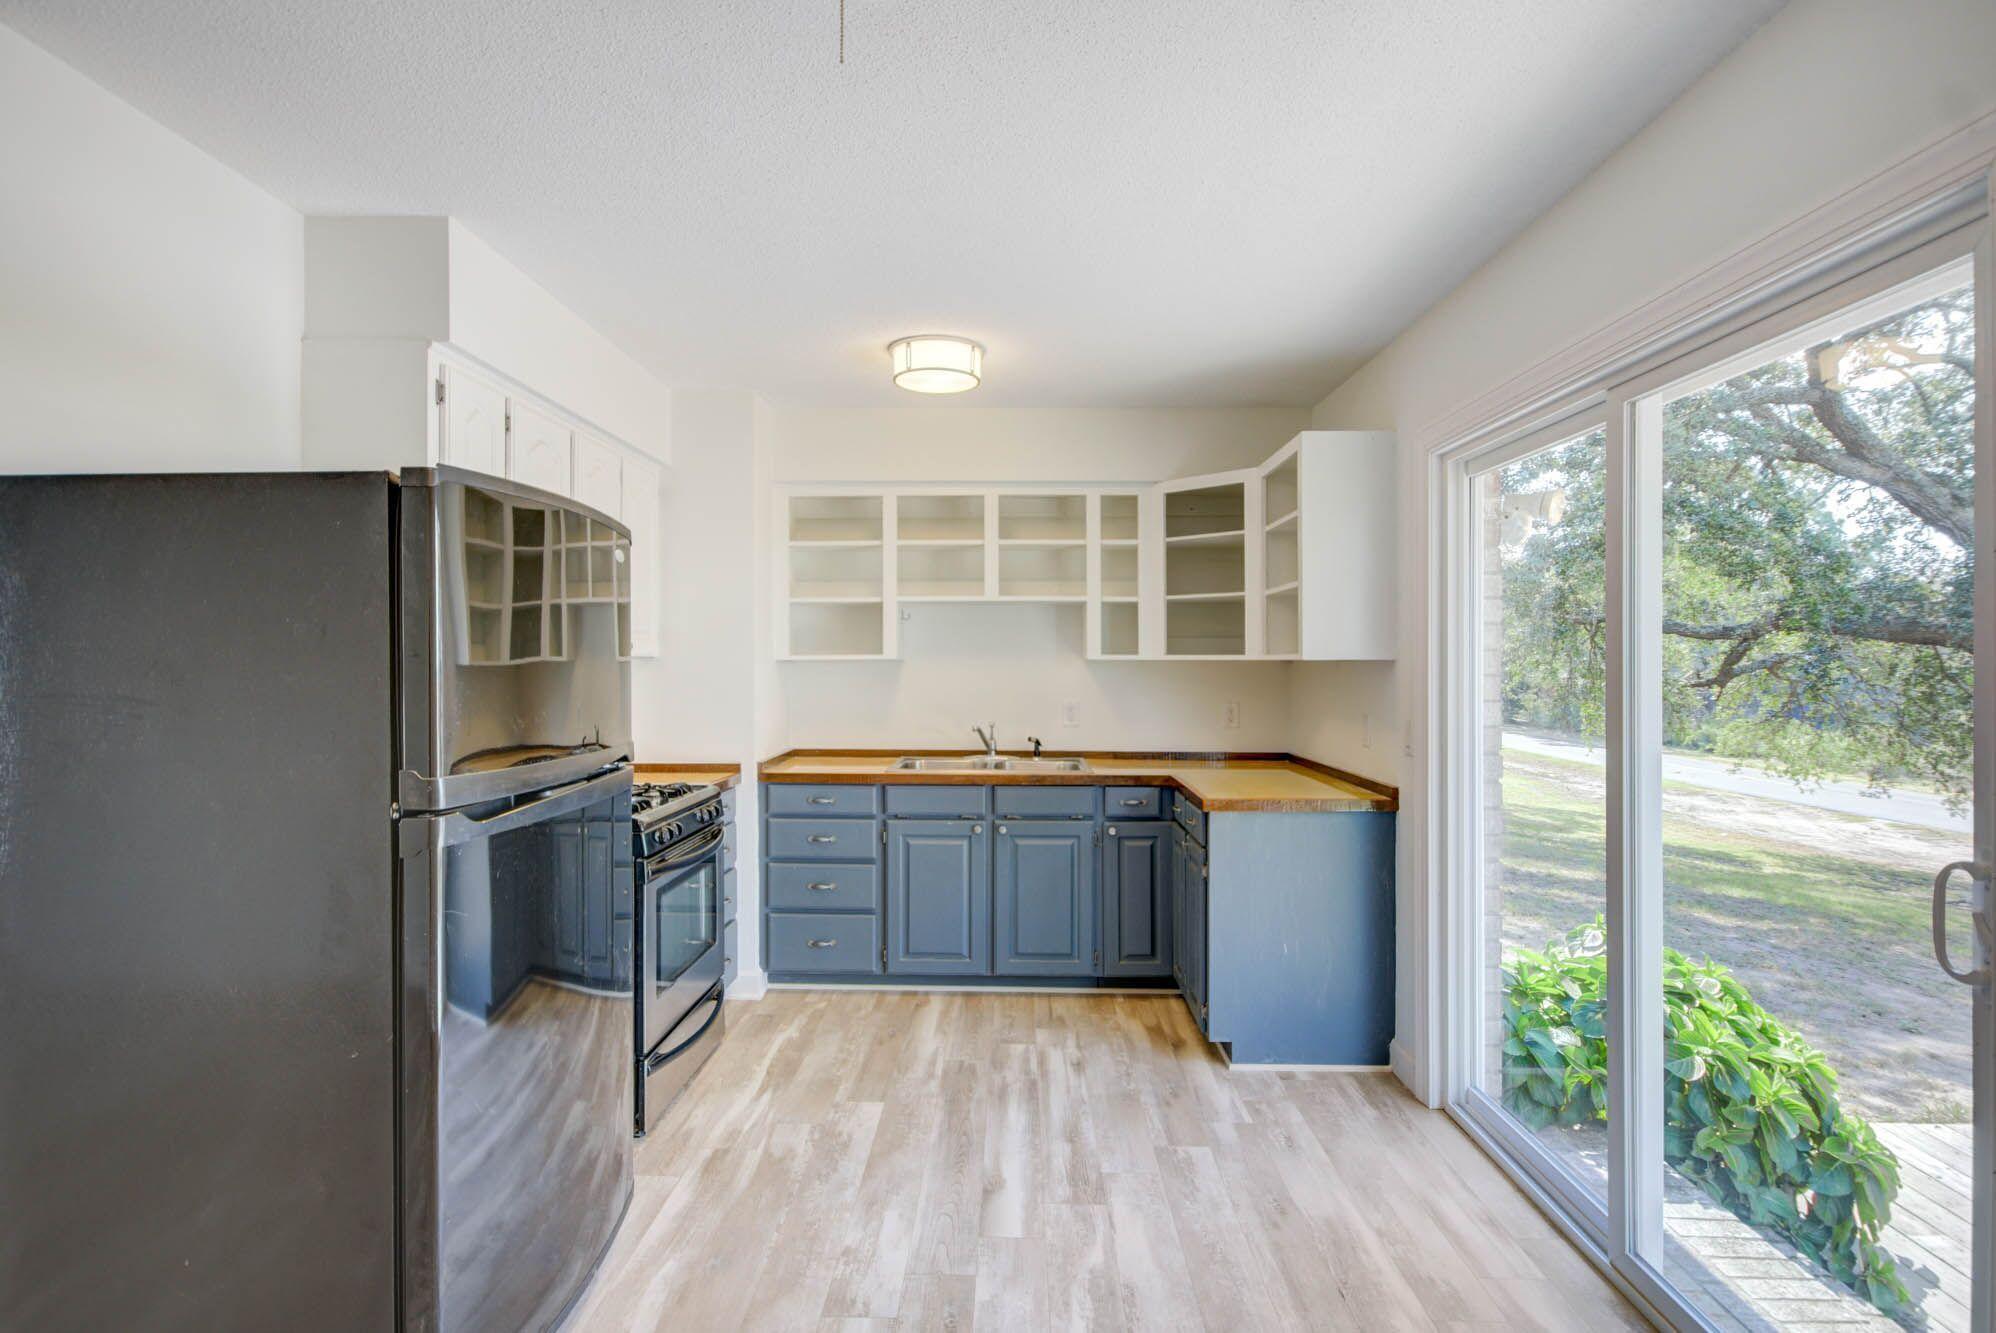 Folly Beach Homes For Sale - 610 Erie, Folly Beach, SC - 7